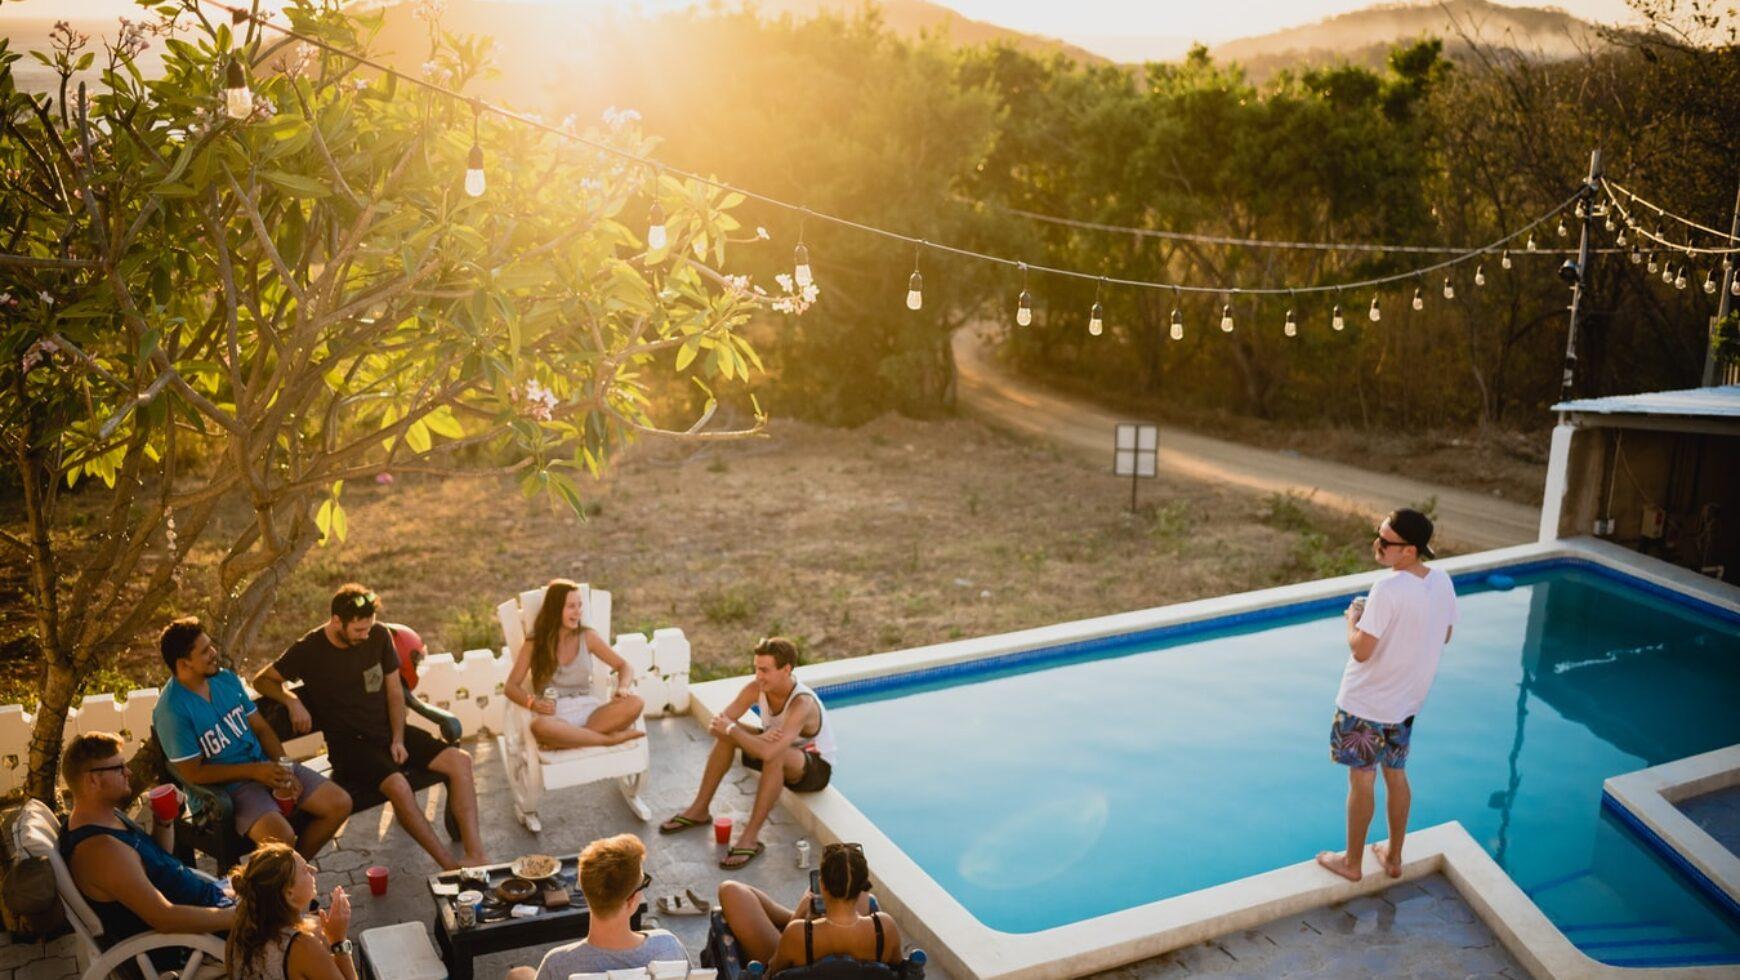 Dlaczego impreza plenerowa jest lepsza niż spotkanie integracyjne w biurze?